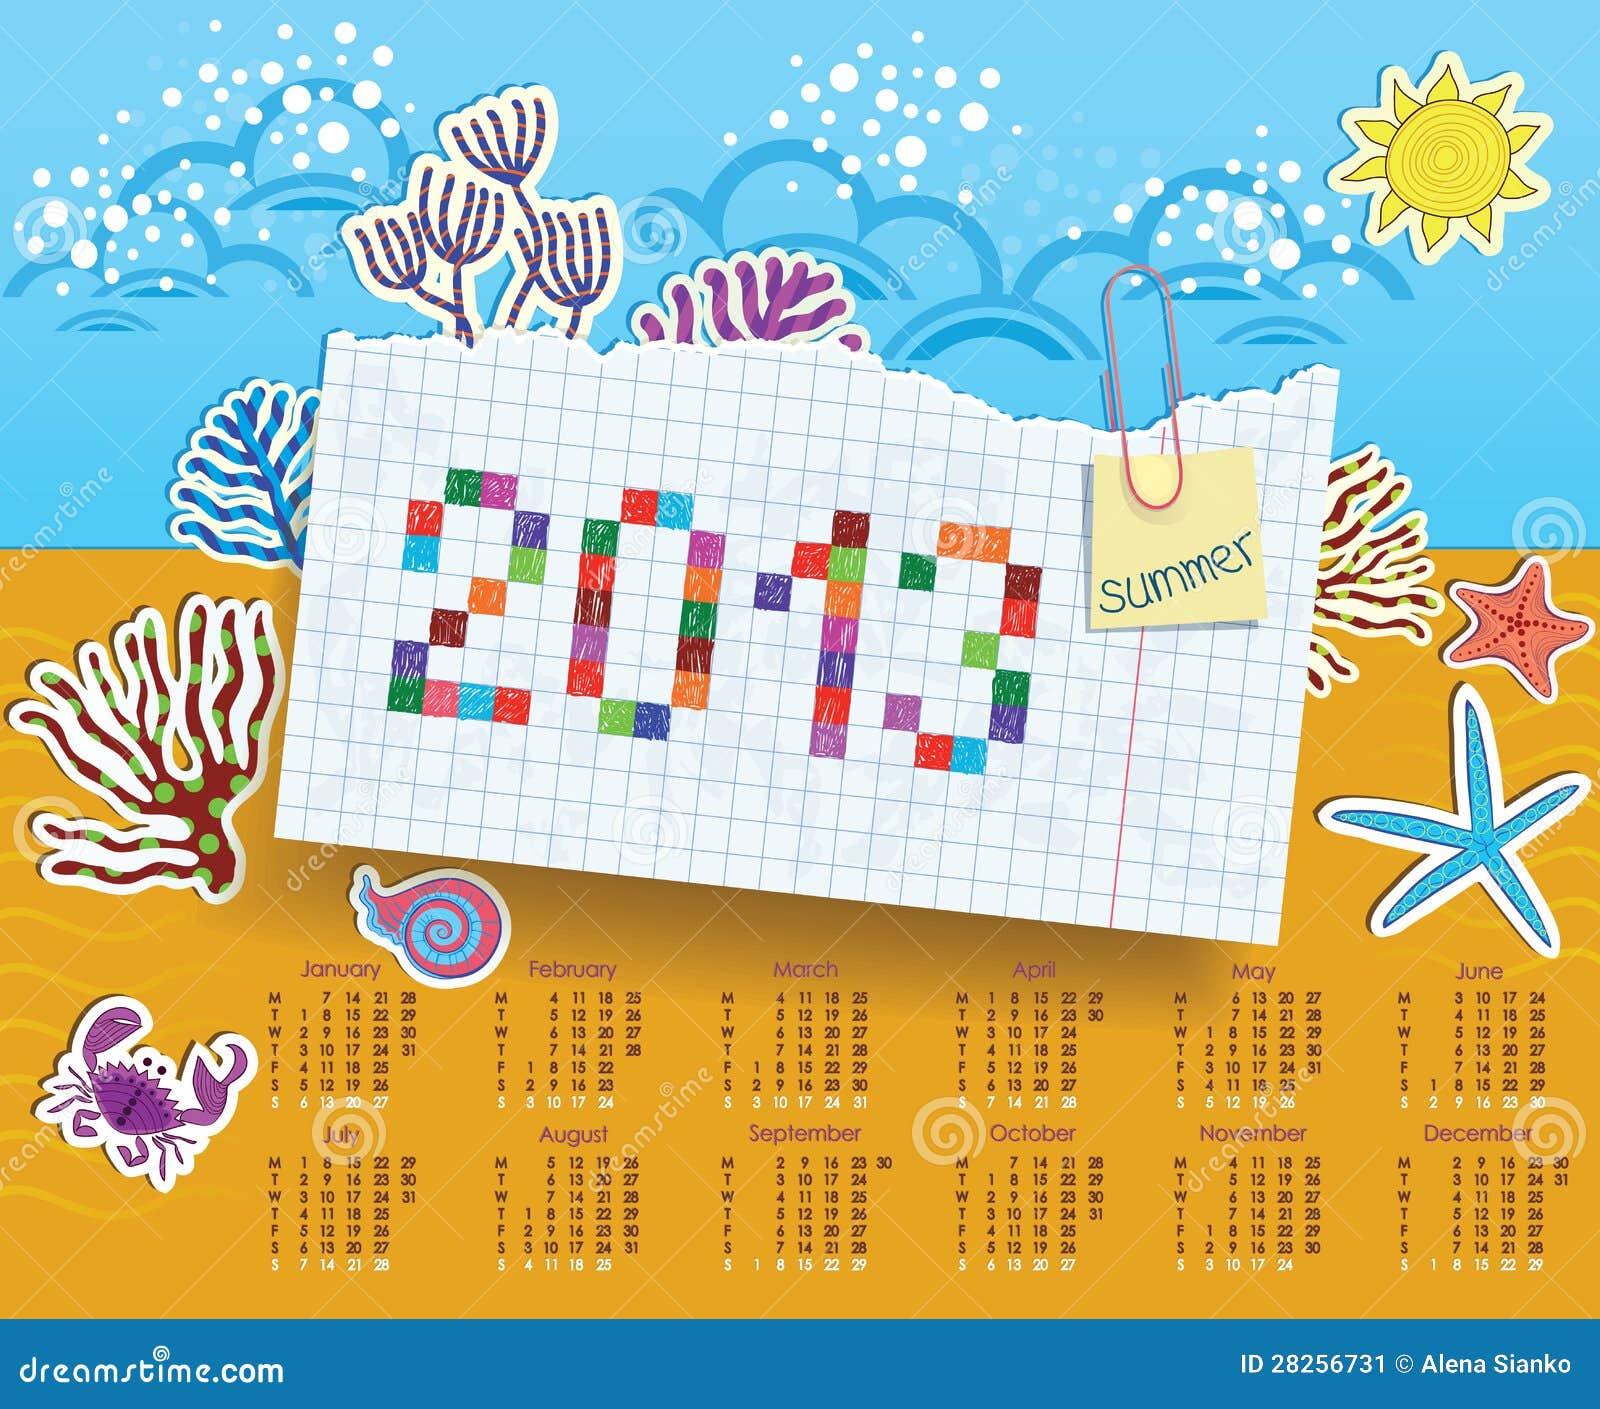 Kalender für 2013. Collage der Aufkleber